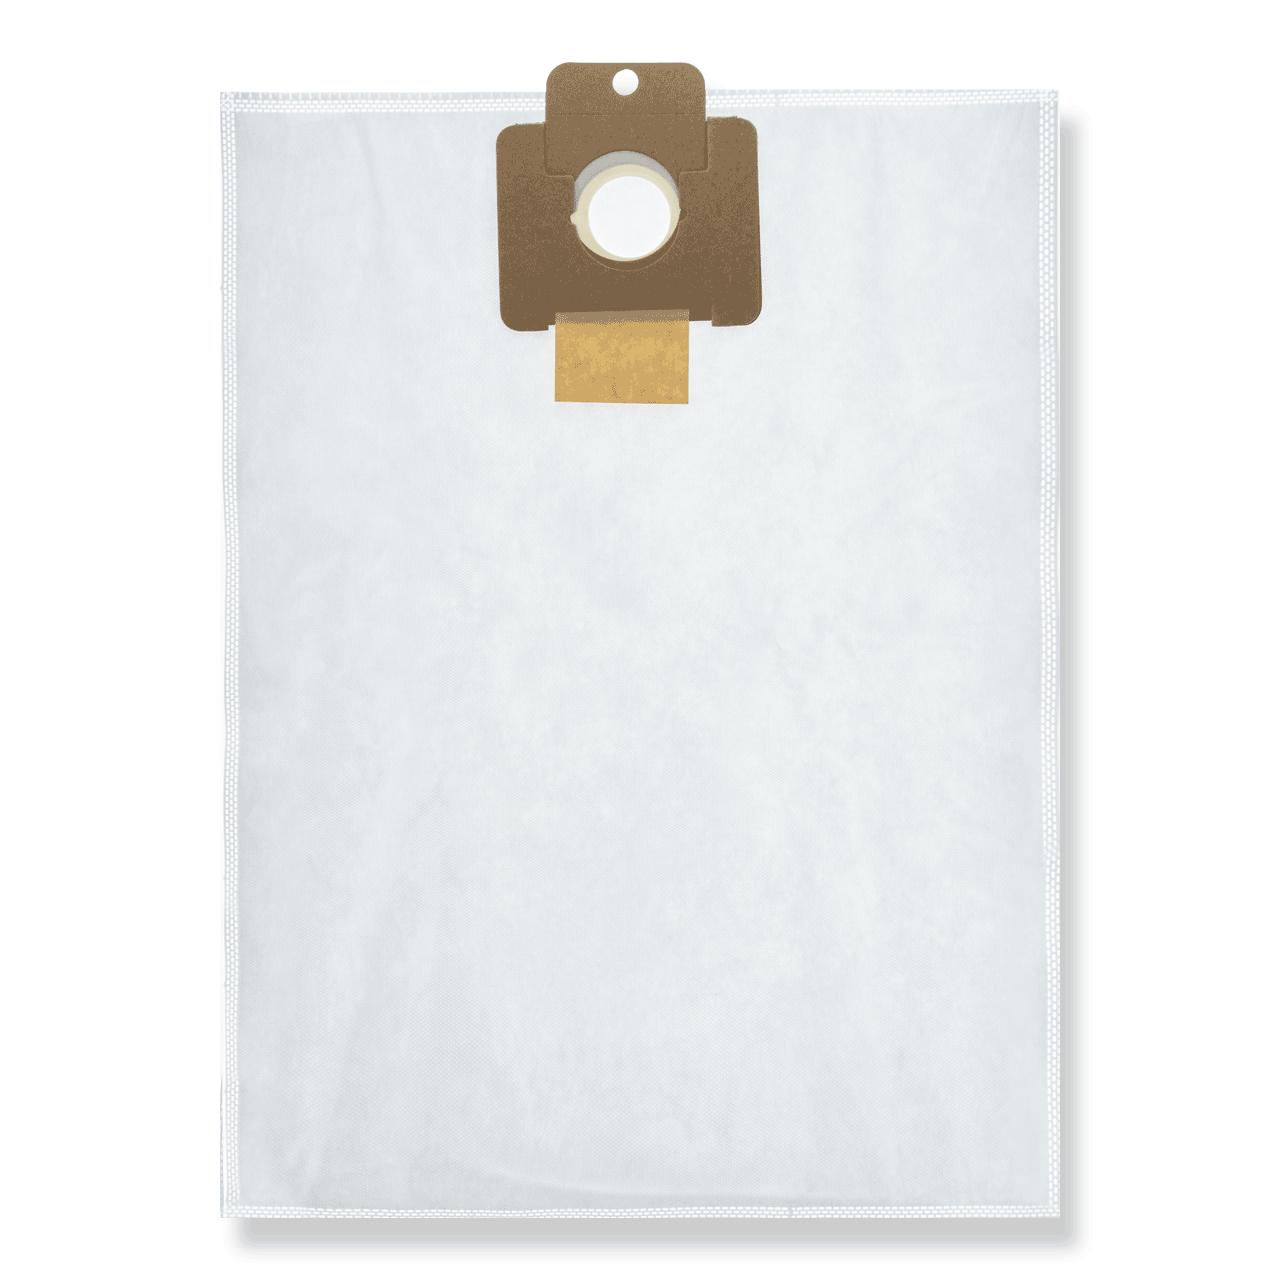 sacs poussi re wap eliminator i sp cialiste sacs aspirateur. Black Bedroom Furniture Sets. Home Design Ideas